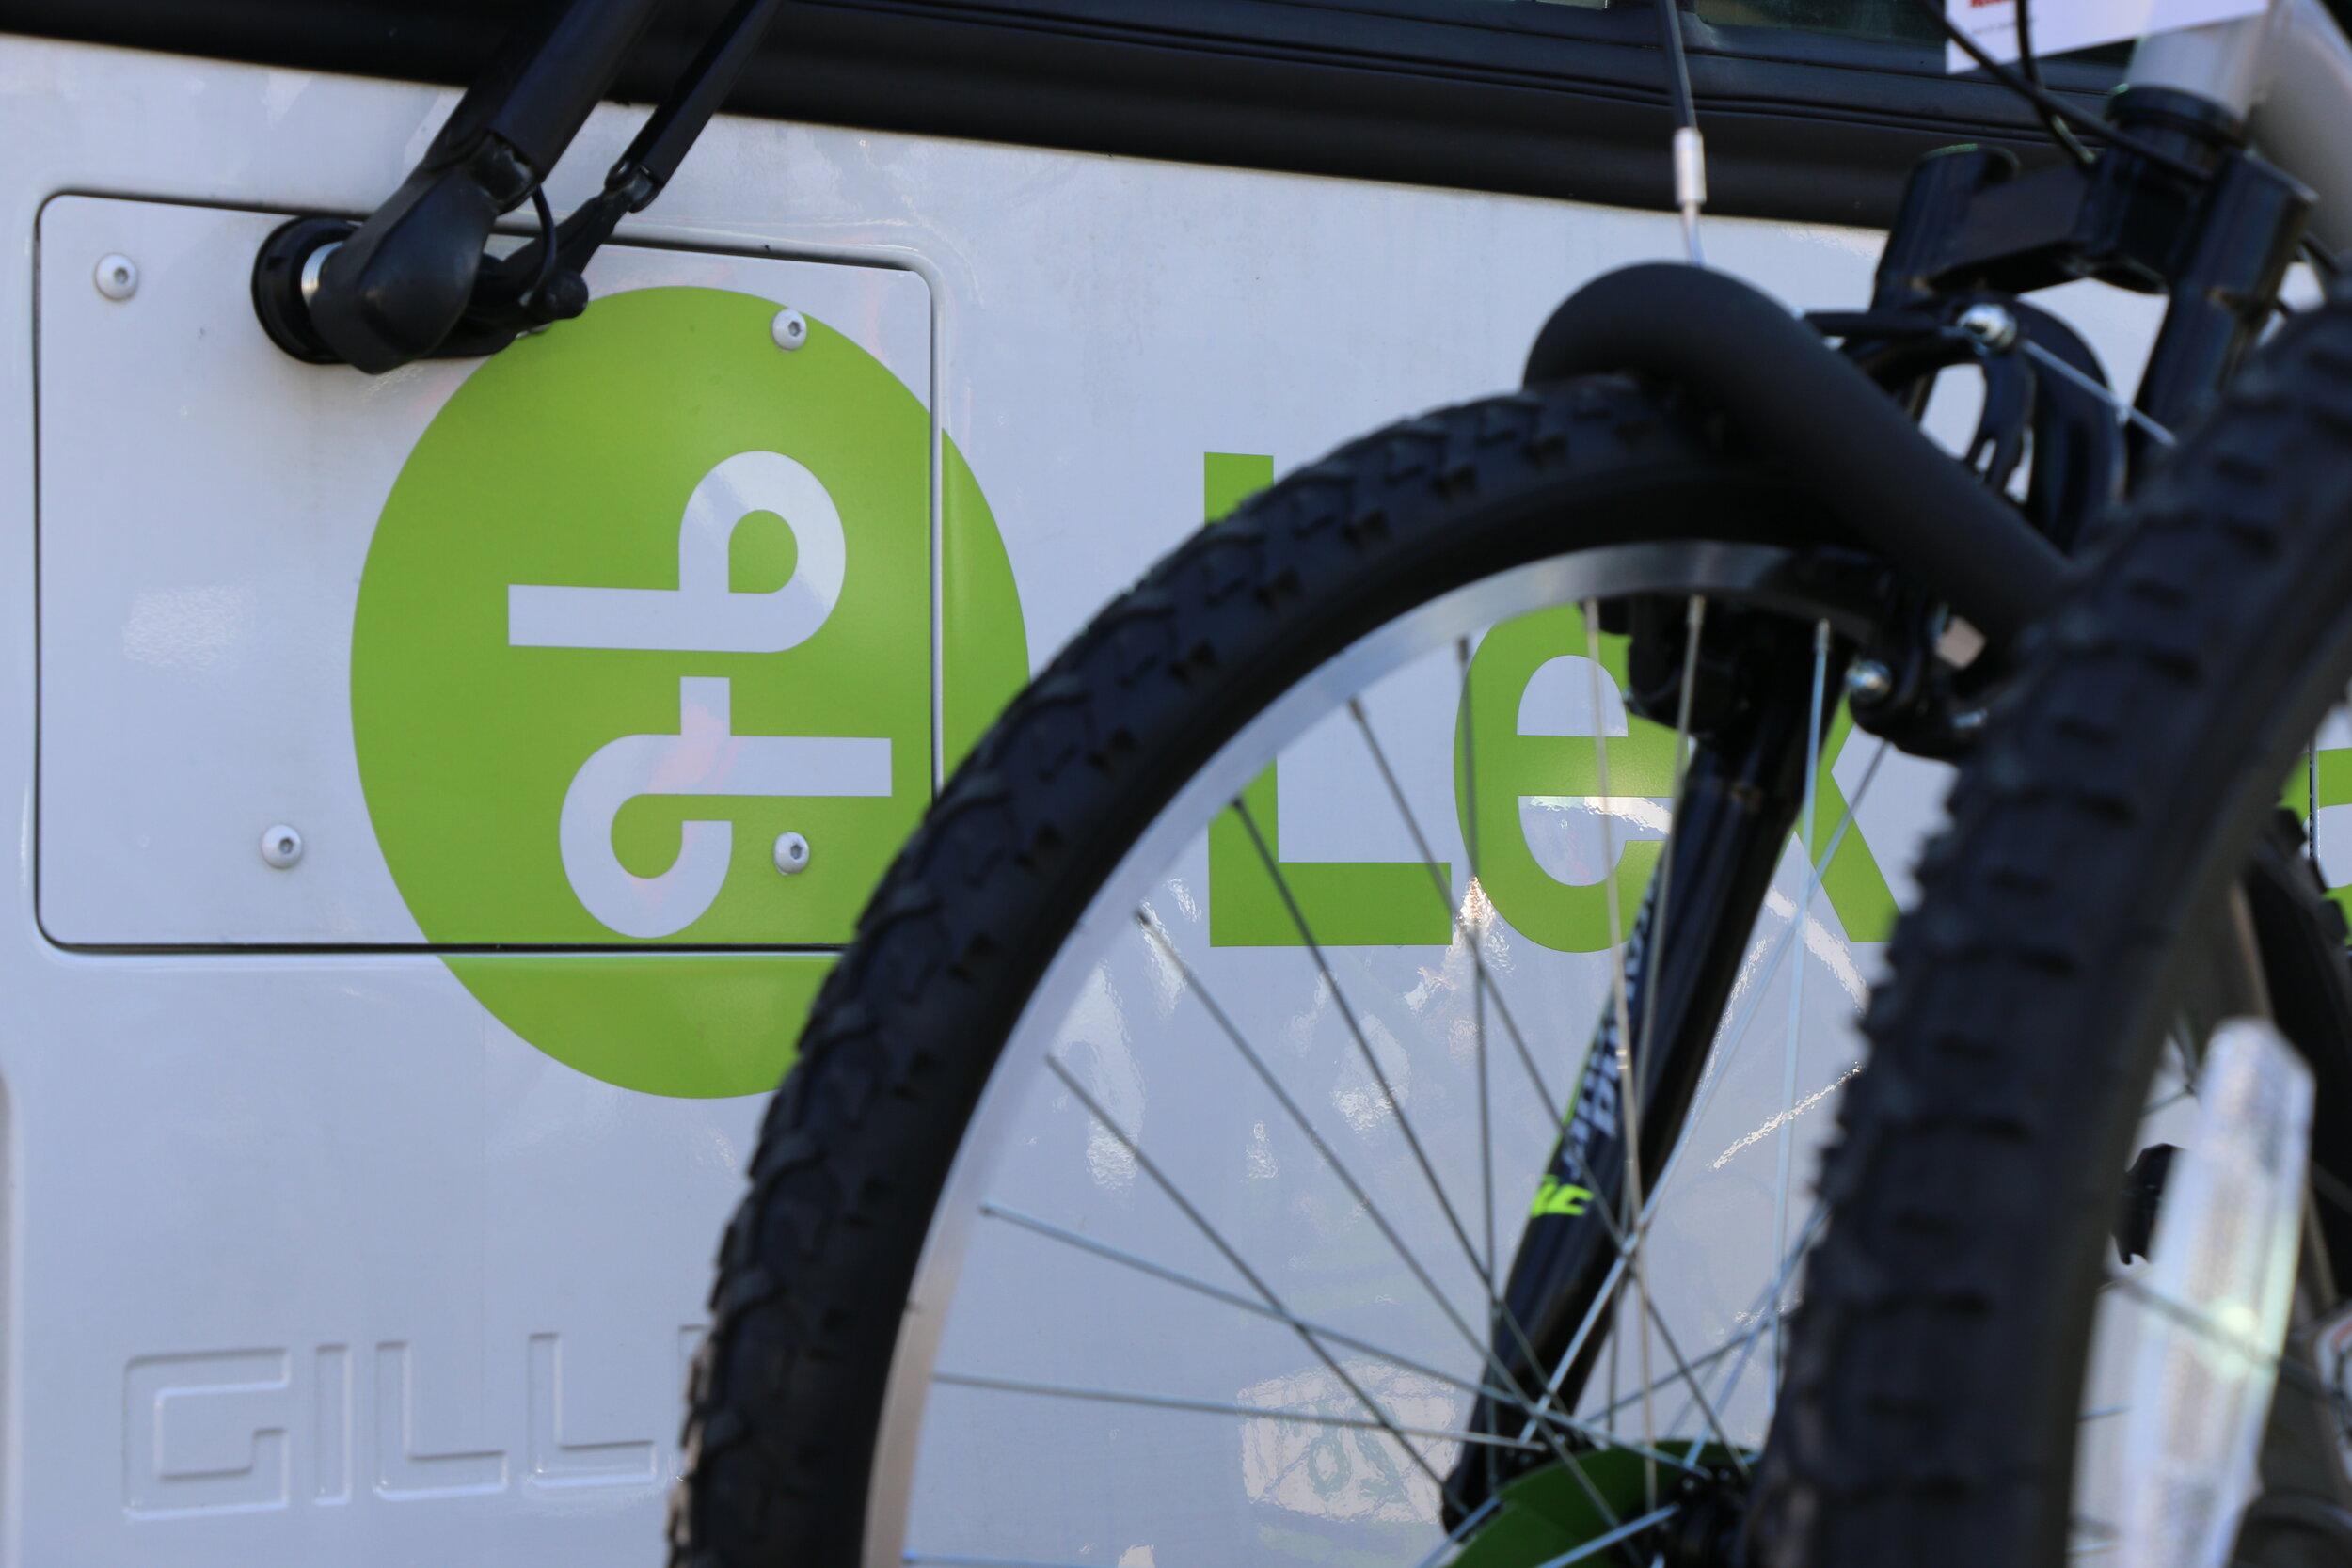 Bike_Brand.JPG